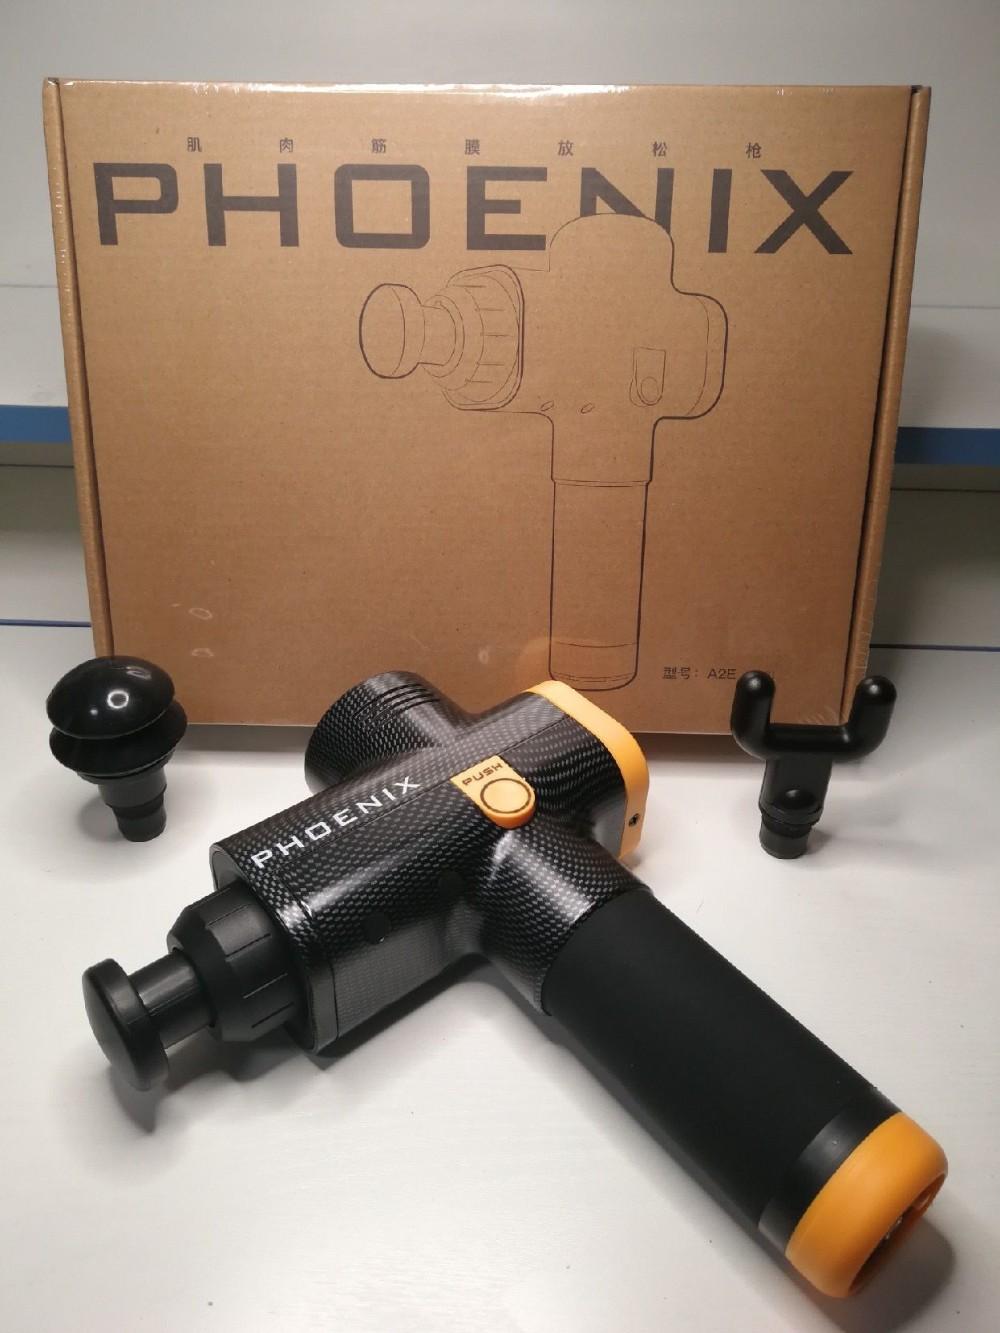 PHOENIX 피닉스 마사지건 근육 진동 마사지기 A1 A2E A3E, A2E 블랙